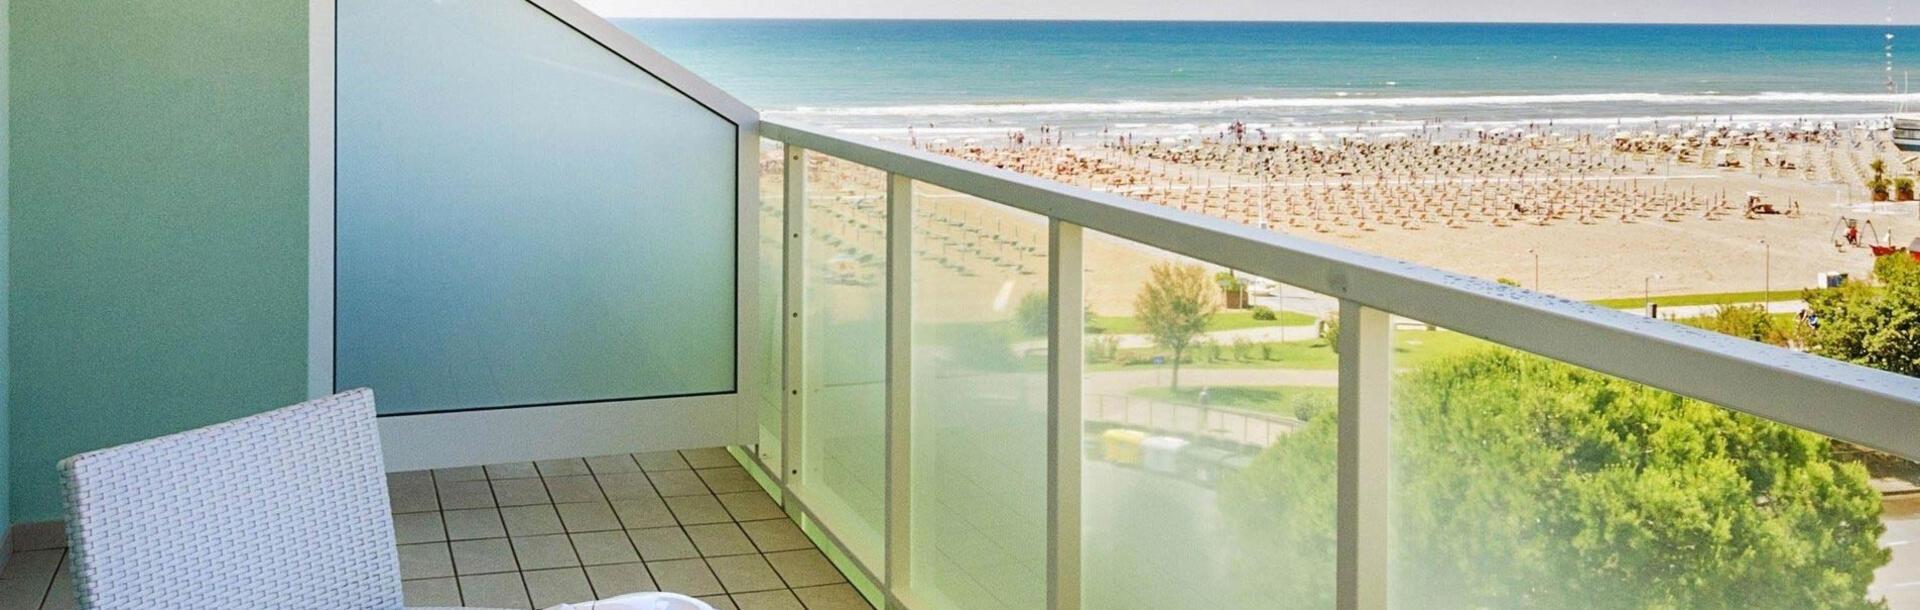 hotel-montecarlo it assicura-il-tuo-soggiorno-con-allianz 013